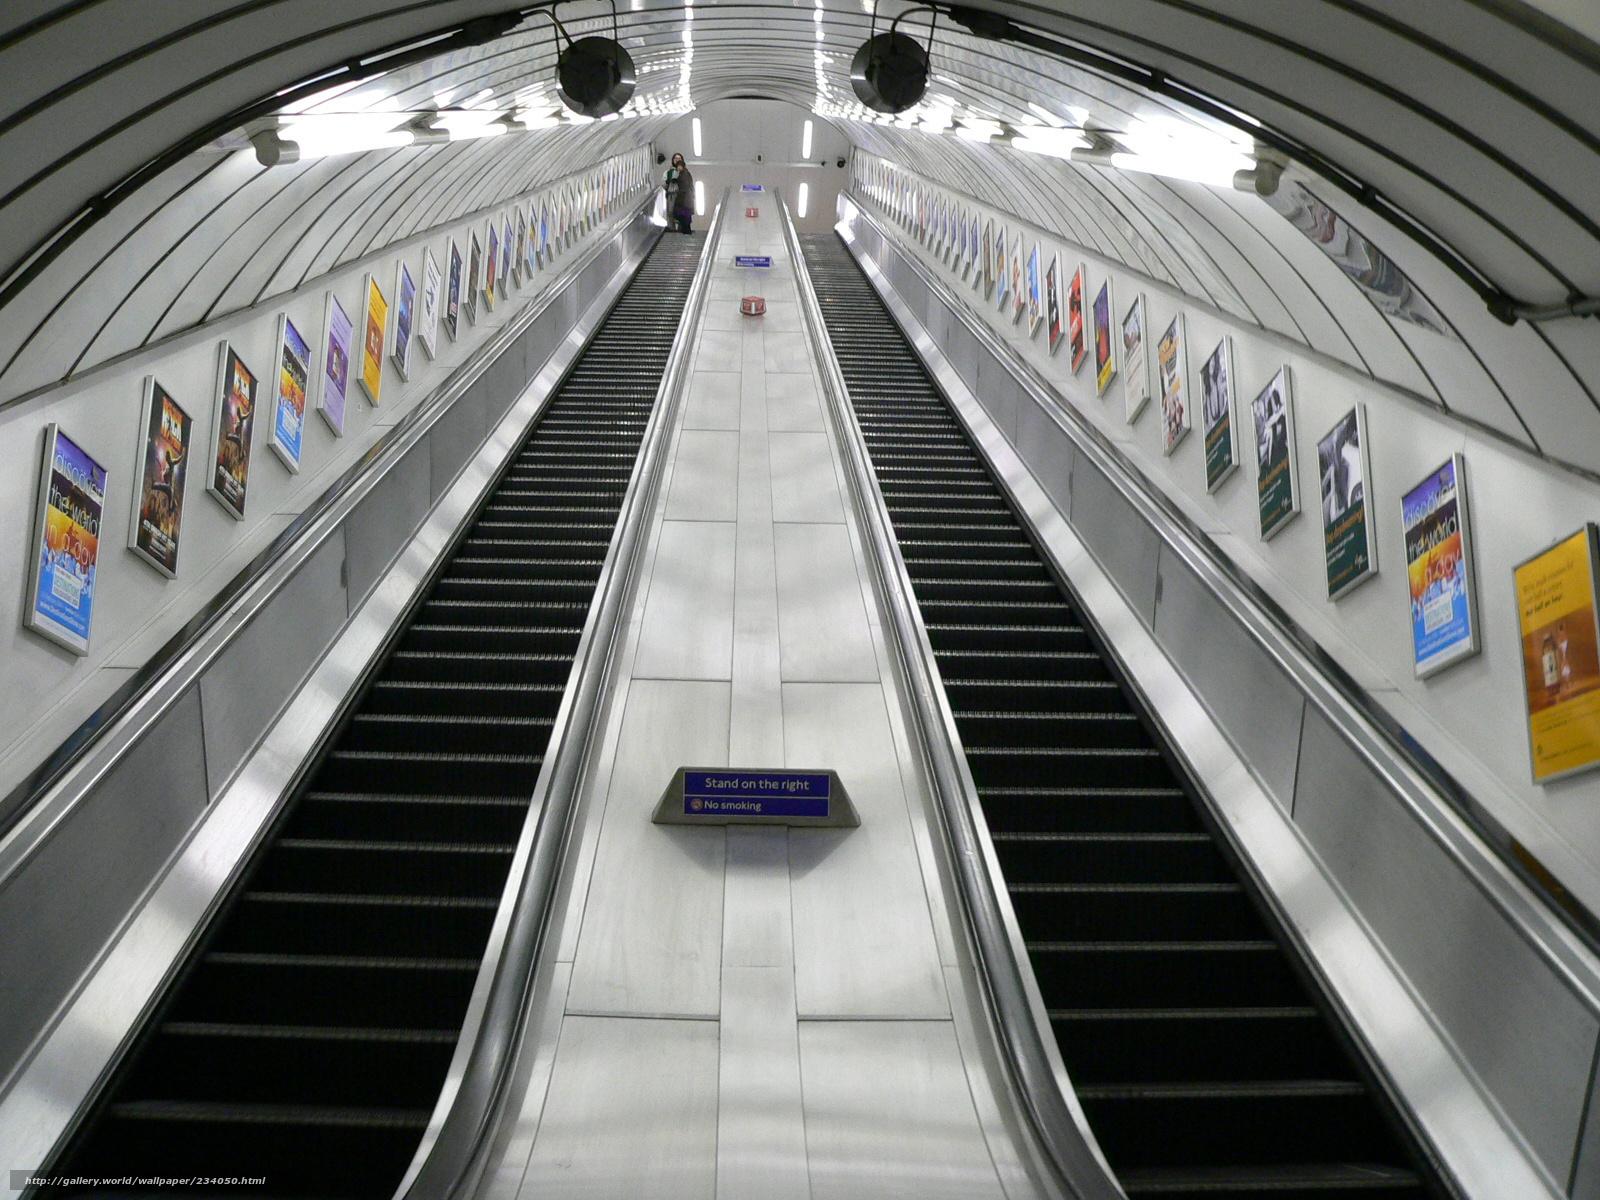 картинки схема эскалаторы в метро ГАЗ